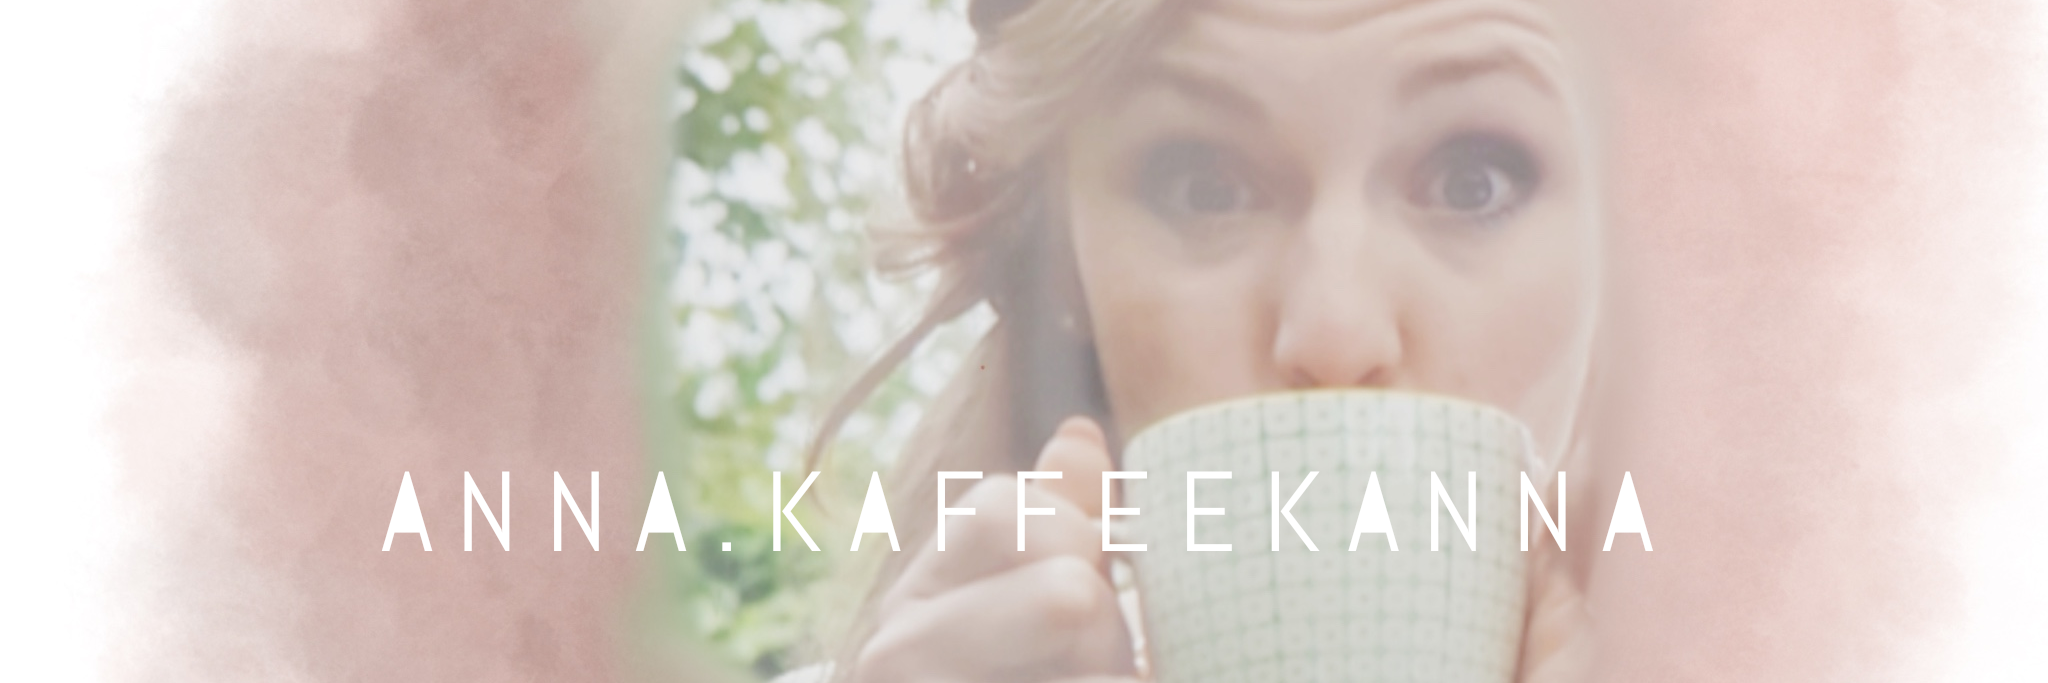 Anna.Kaffeekanna